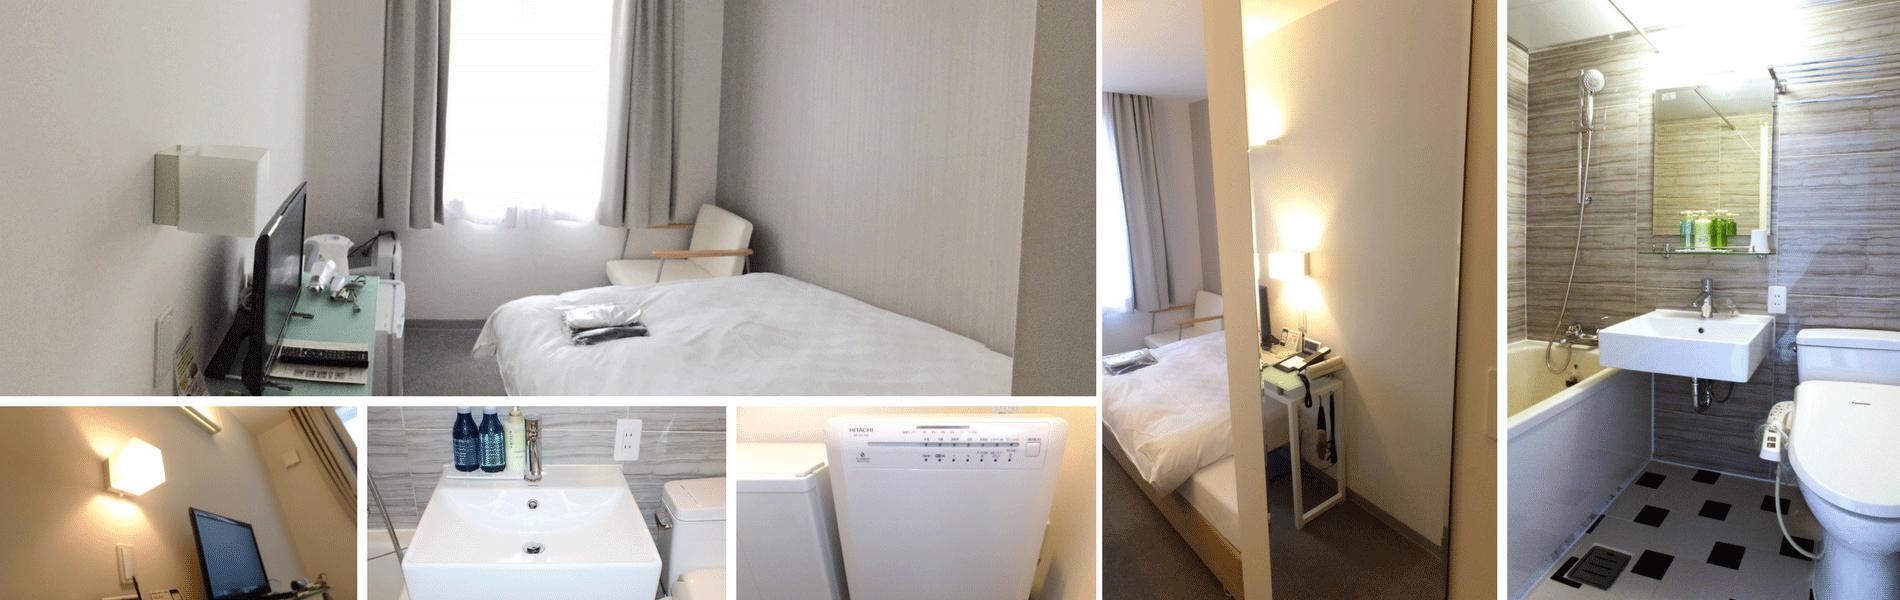 ハイクオリティでスタイリッシュな居心地の良い空間を演出したお部屋となっております。